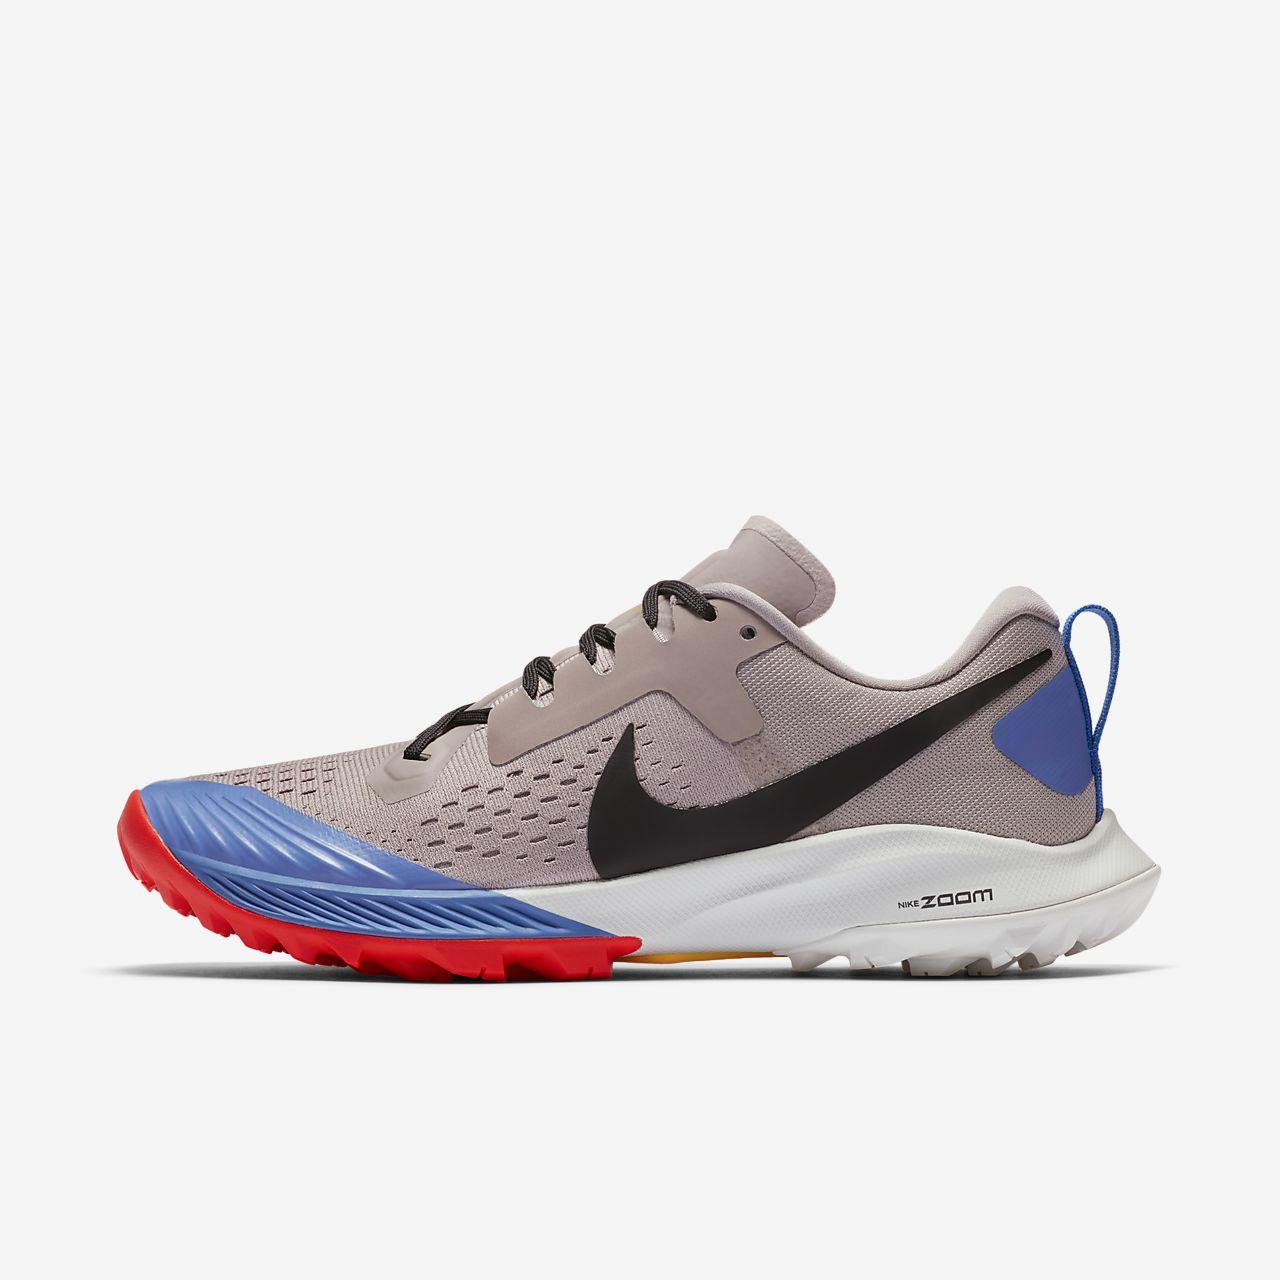 reputable site best shoes online retailer Chaussure de running sur sentier Nike Air Zoom Terra Kiger 5 pour ...